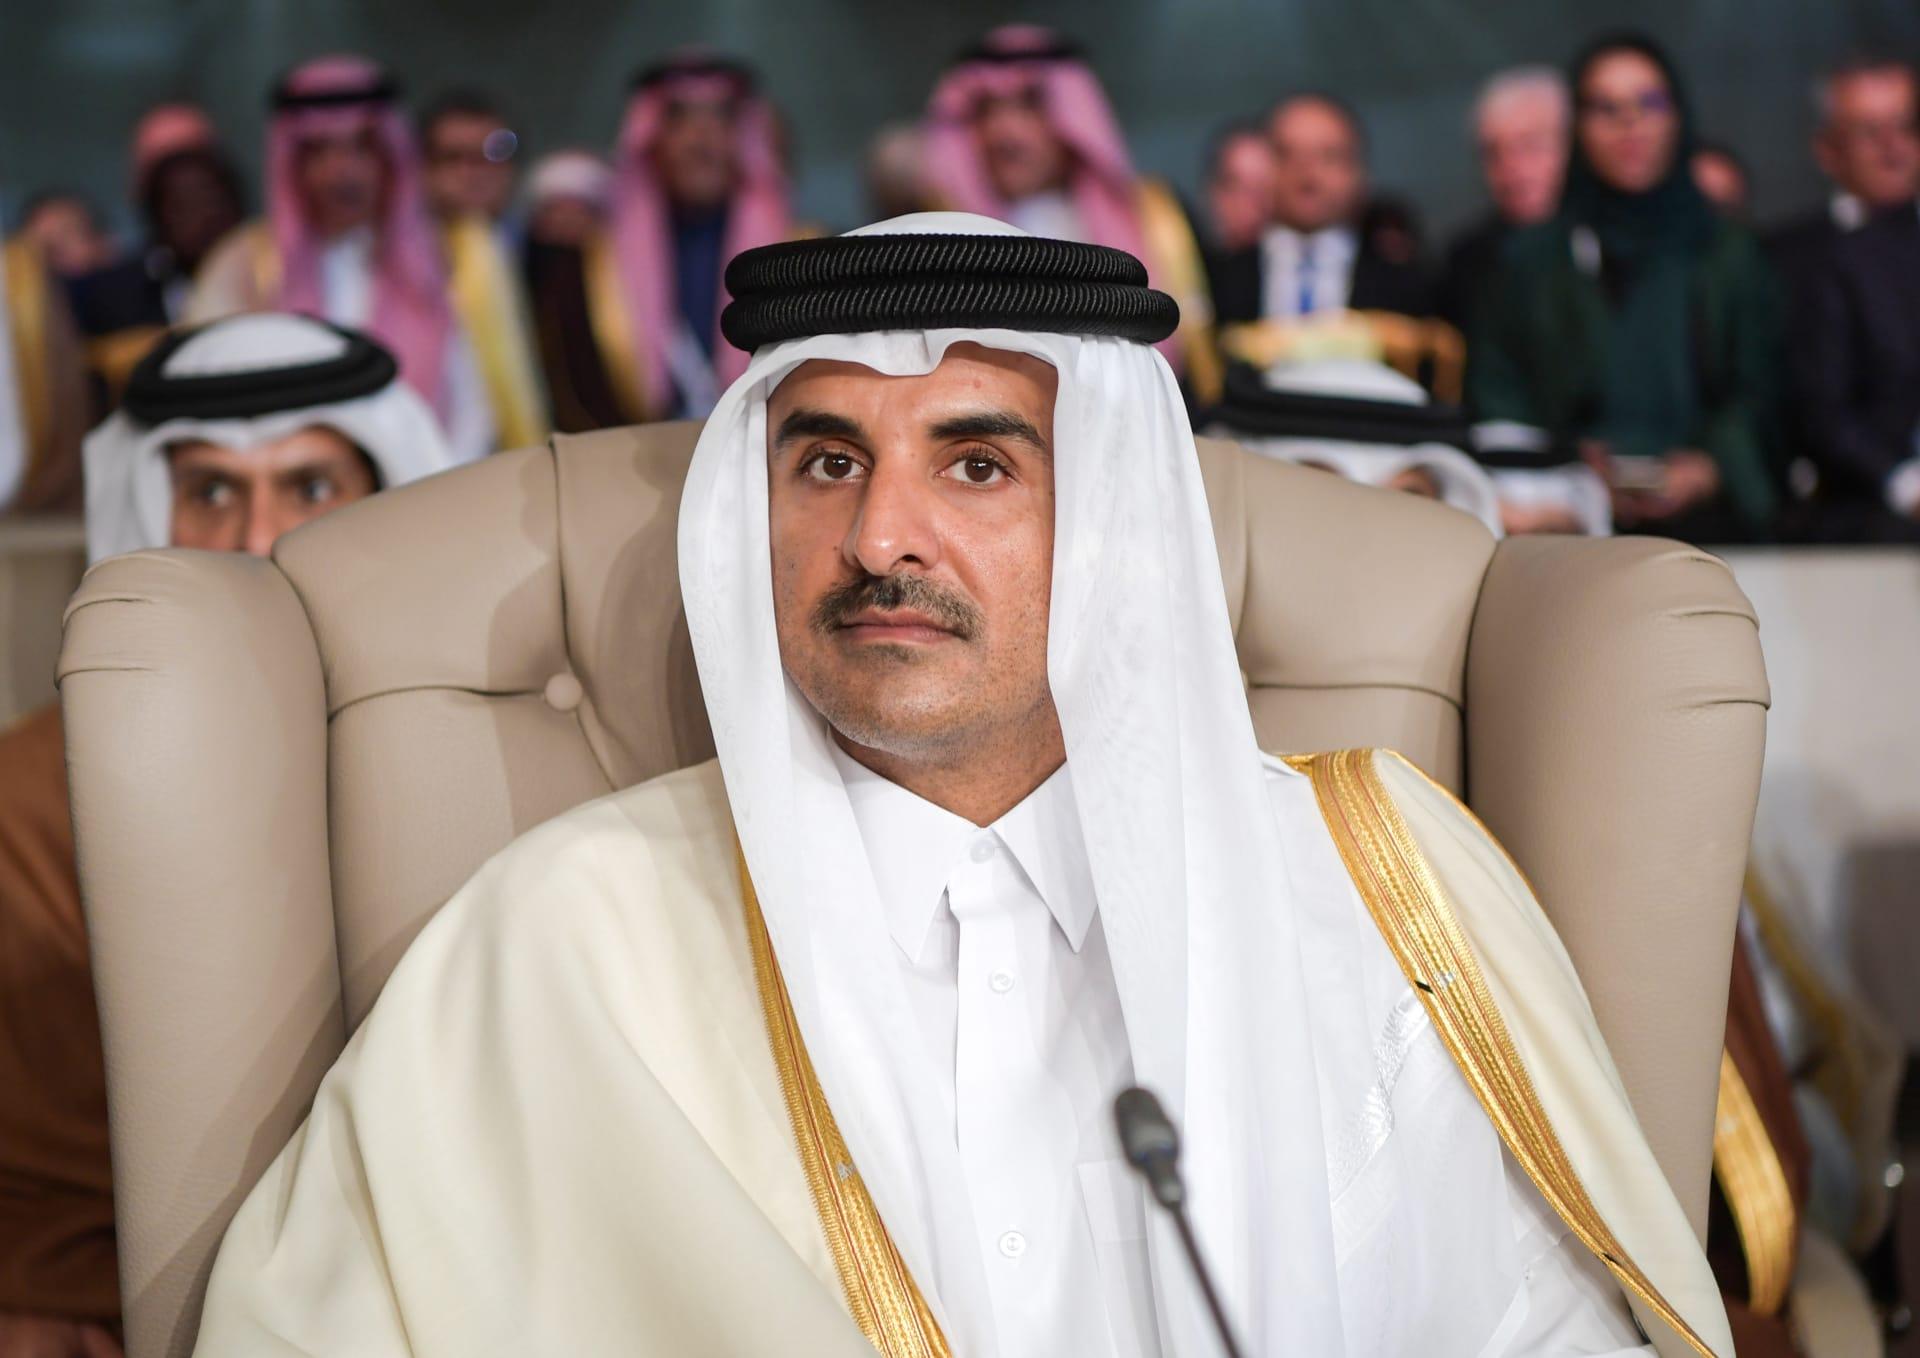 قطر تمنح غزة 360 مليون دولار لمواجهة الظروف الصعبة في القطاع